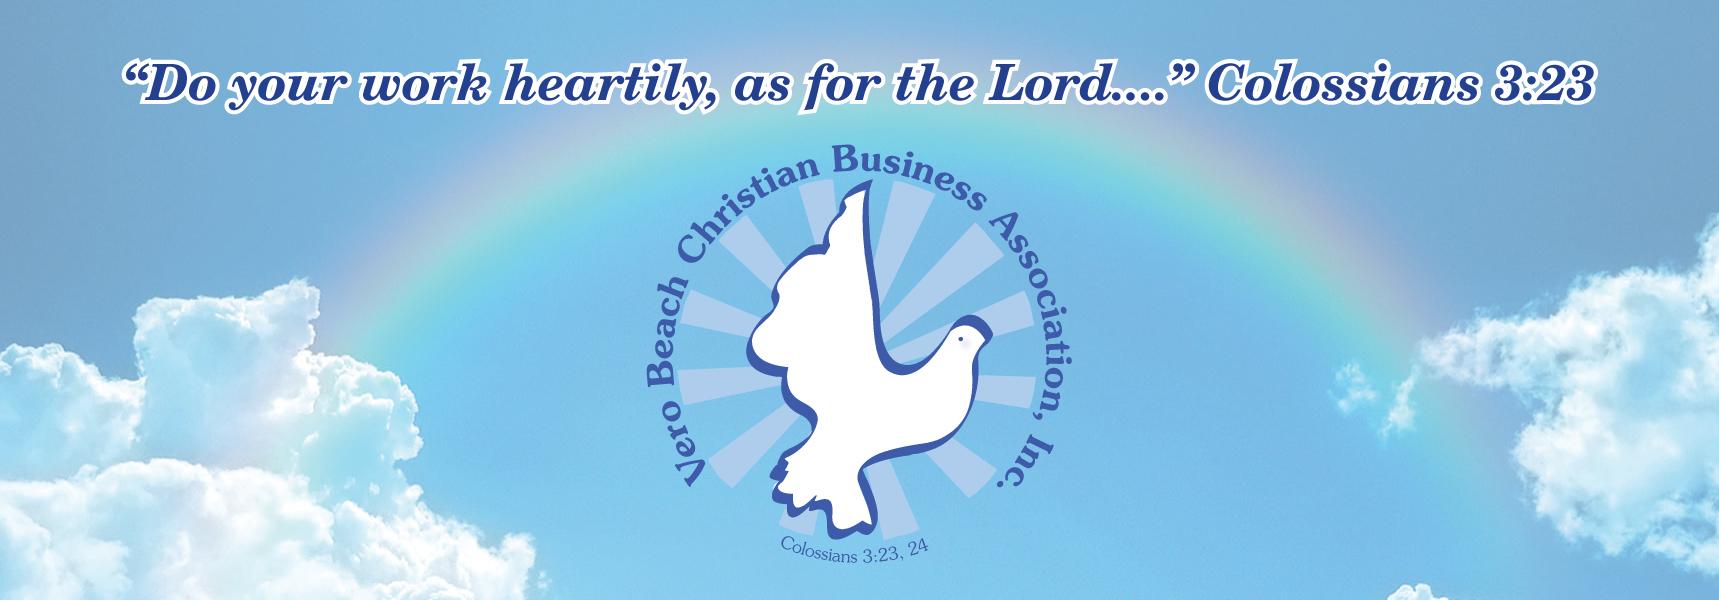 Vero Beach Christian Business Association